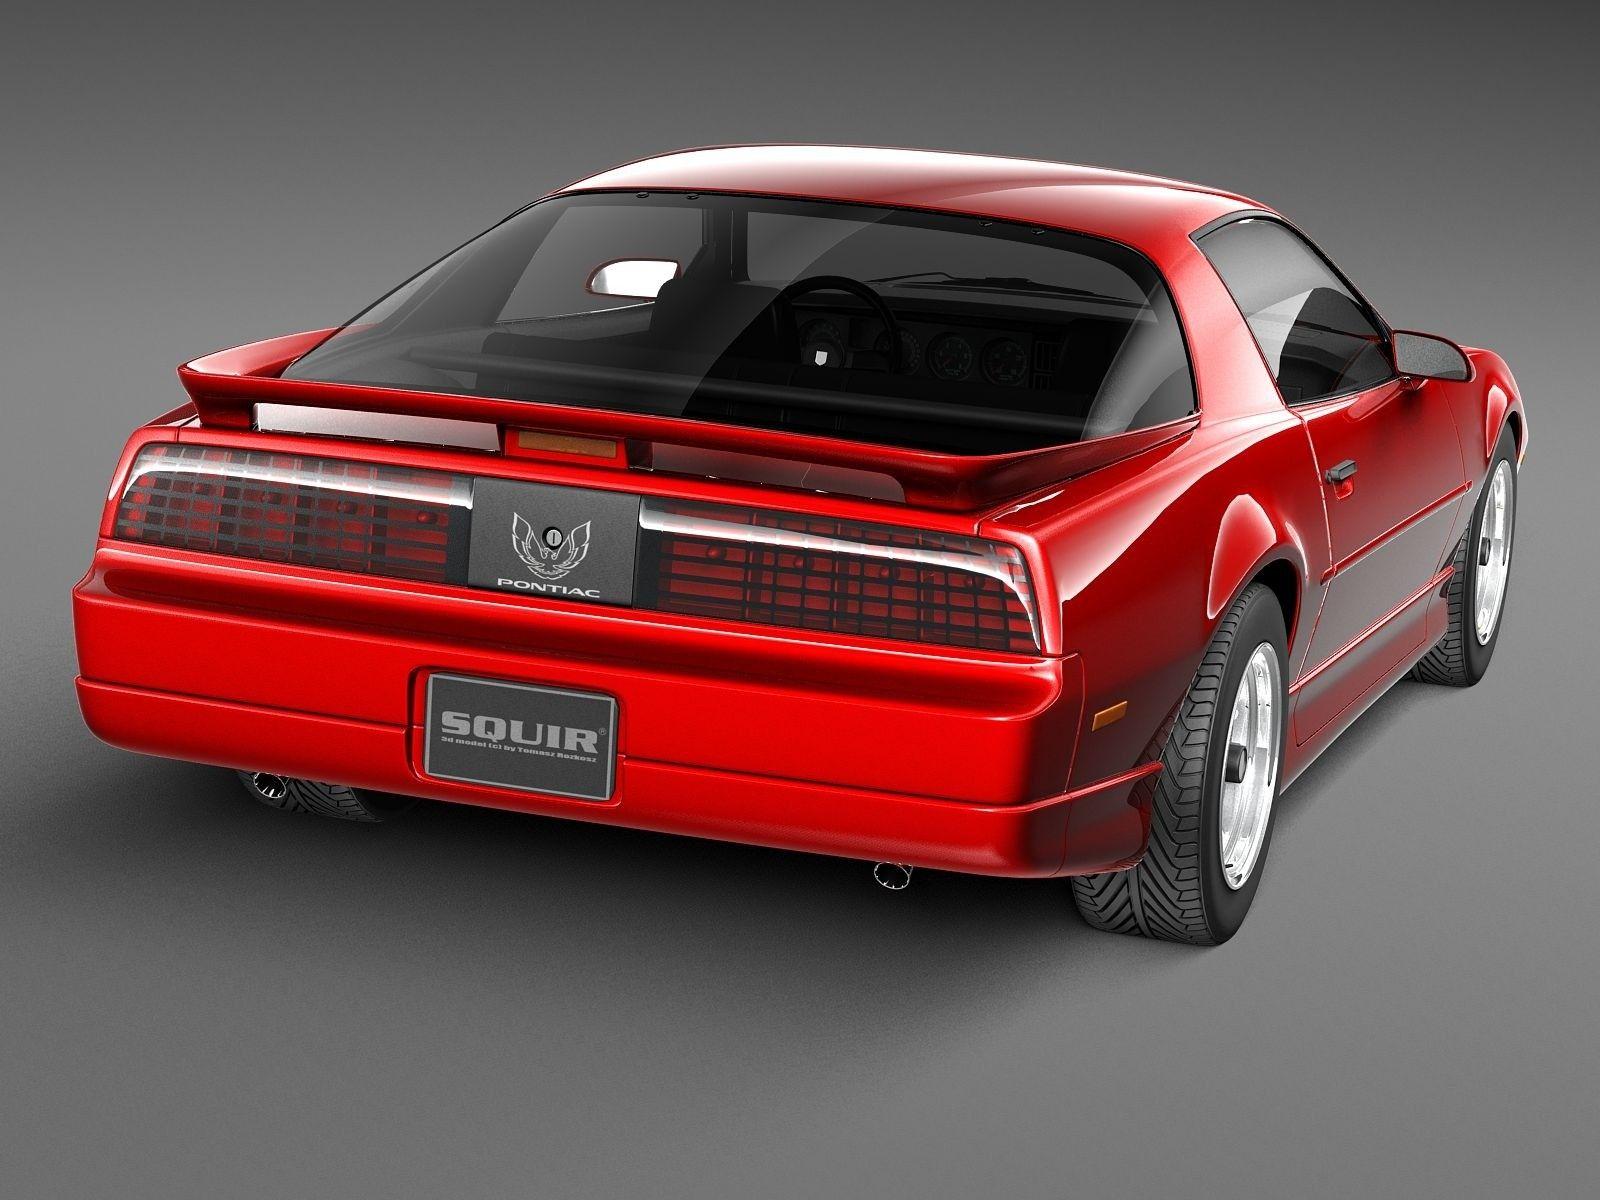 Pontiac Firebird Trans Am 1988 1990 In 2020 Pontiac Firebird Trans Am Pontiac Firebird Firebird Trans Am